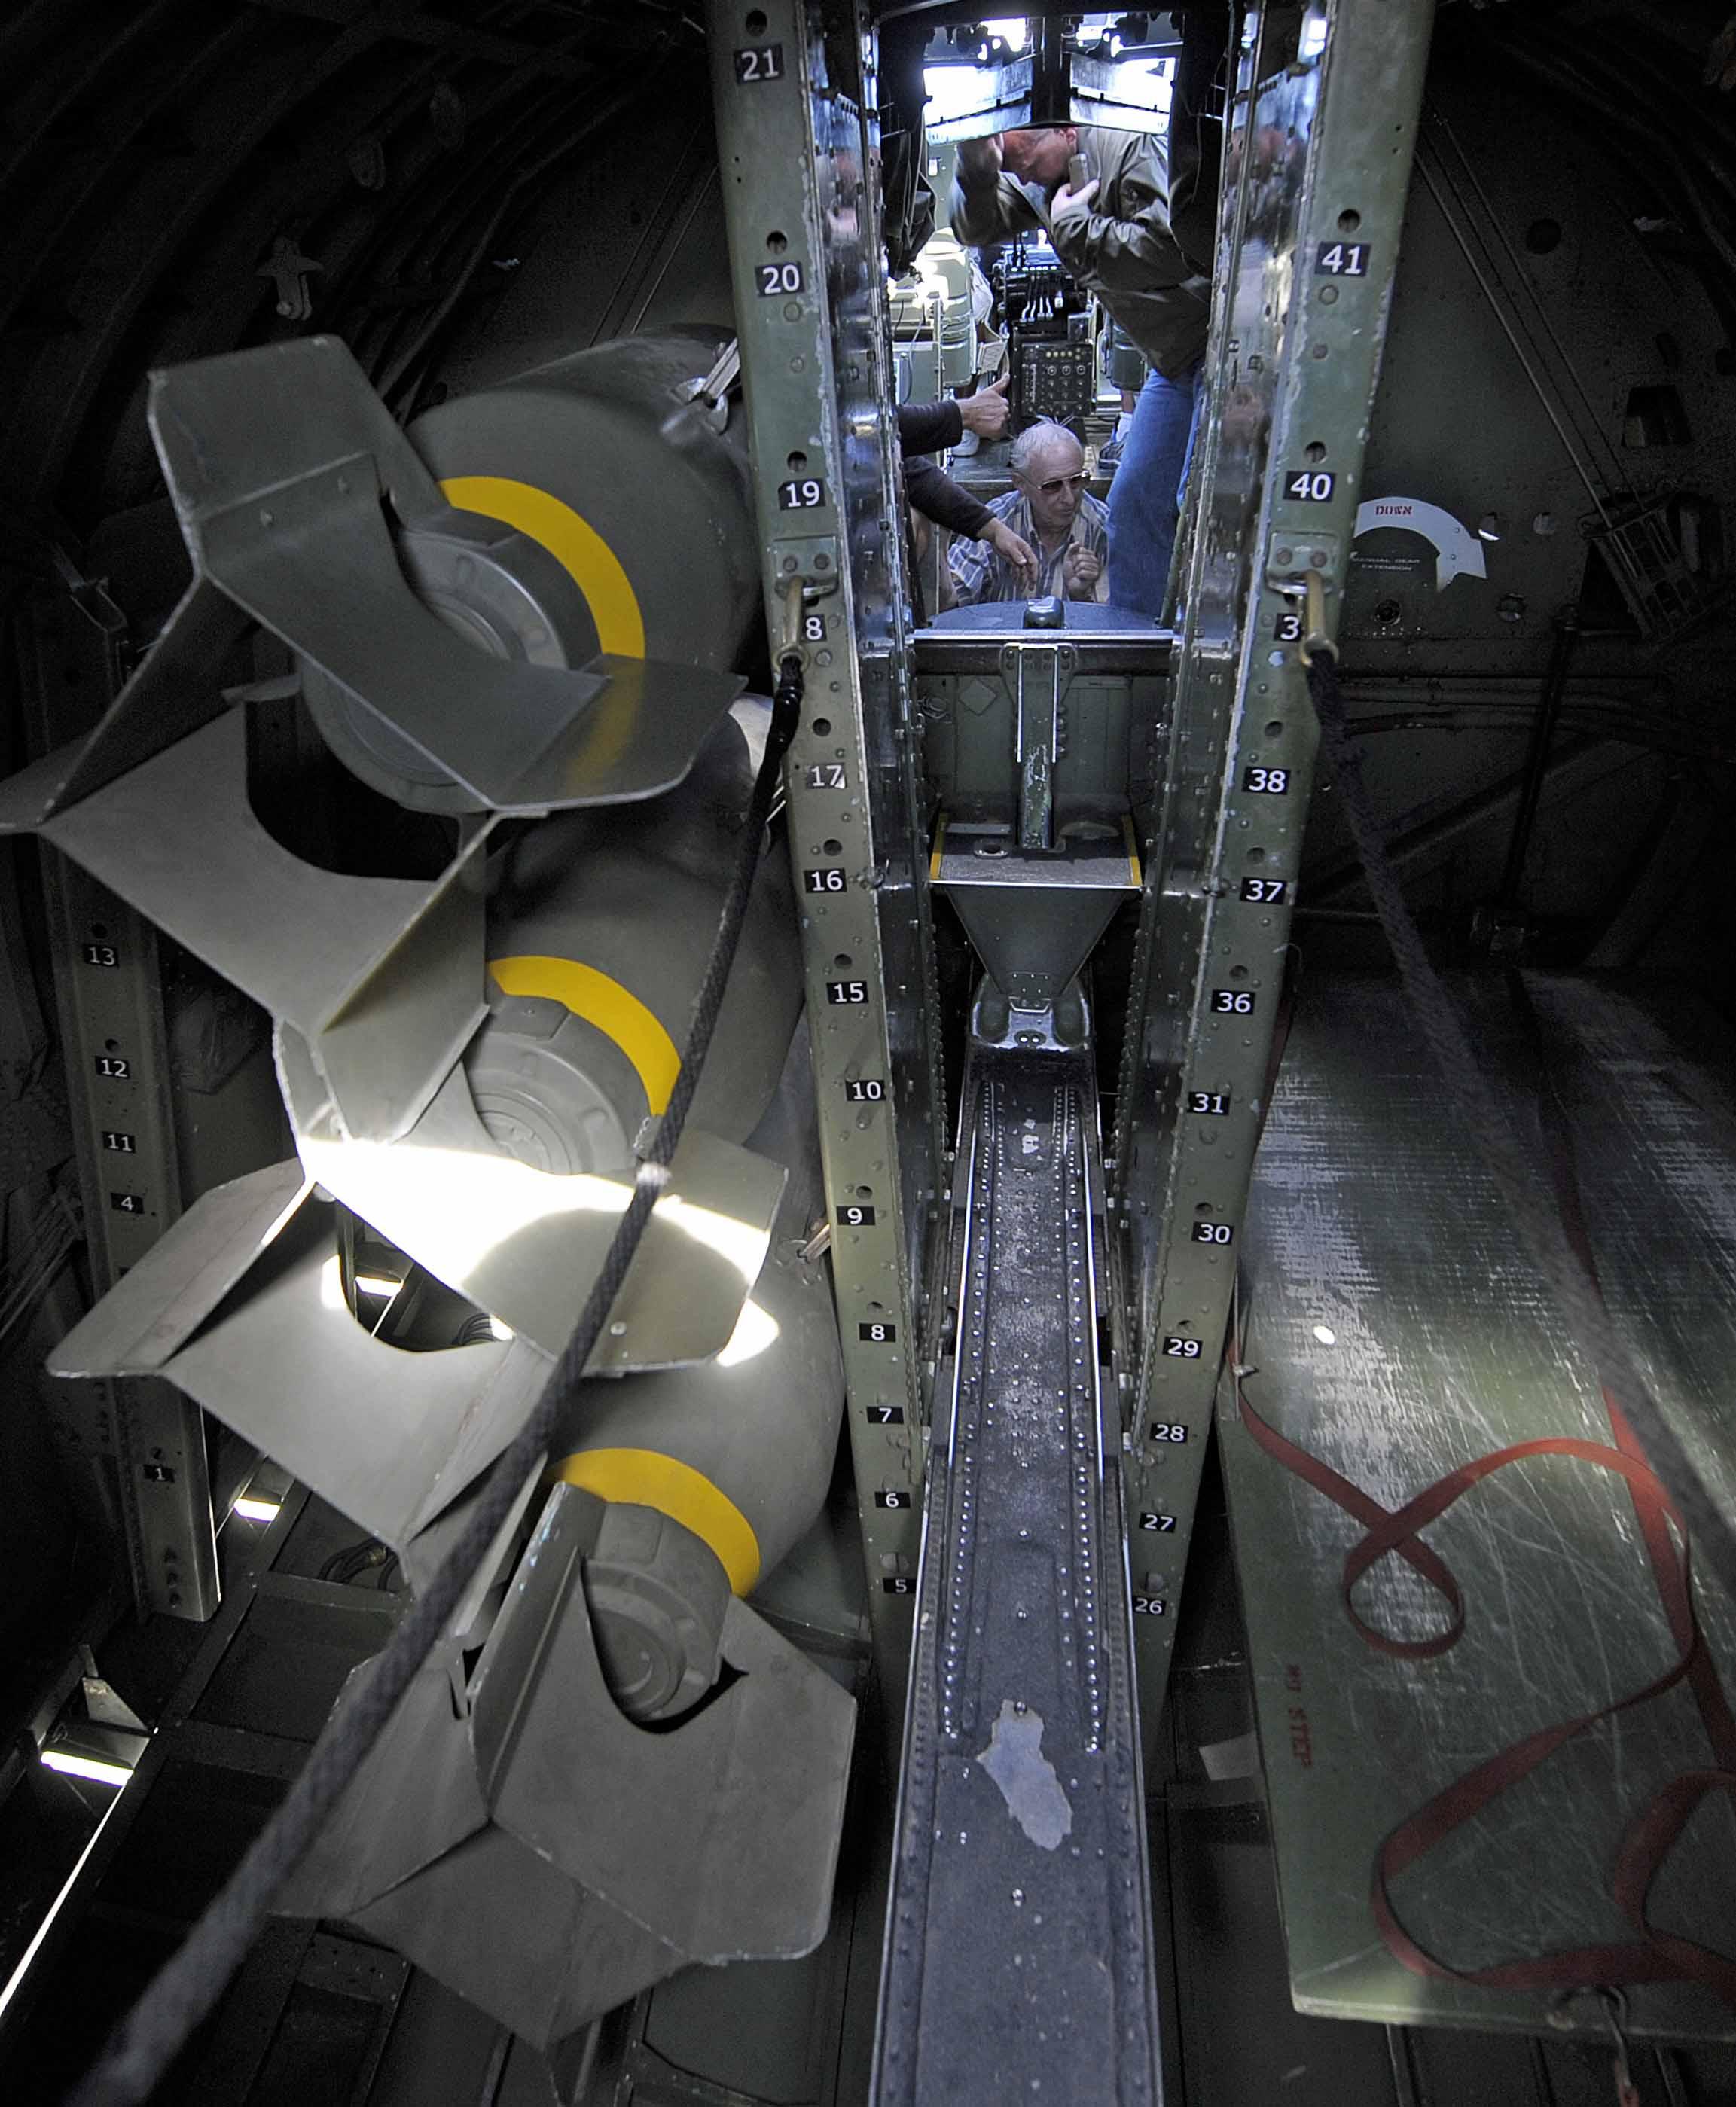 Flying the B-17 | Thoughtsofanidlemind's Blog